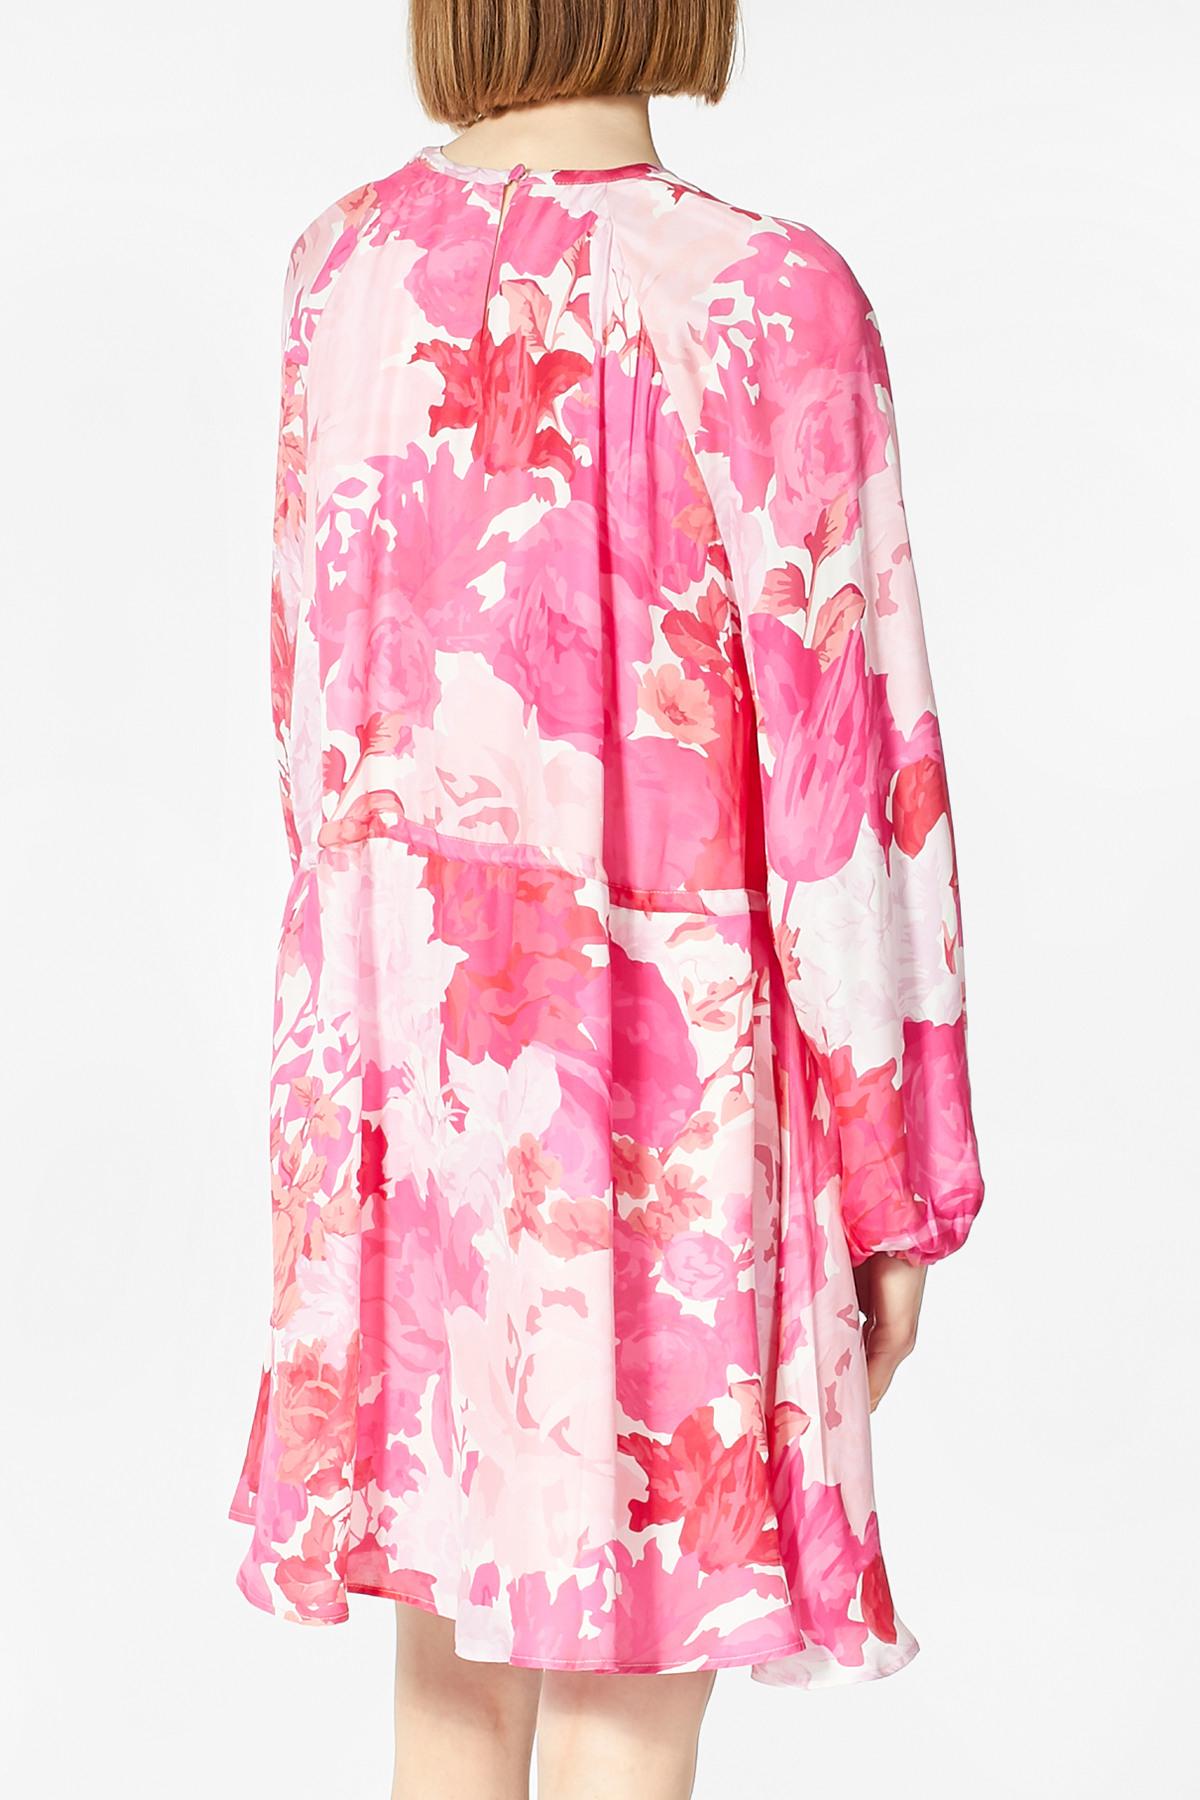 Kleid Aus Modal Und Seide  Stine Goya  Myclassico